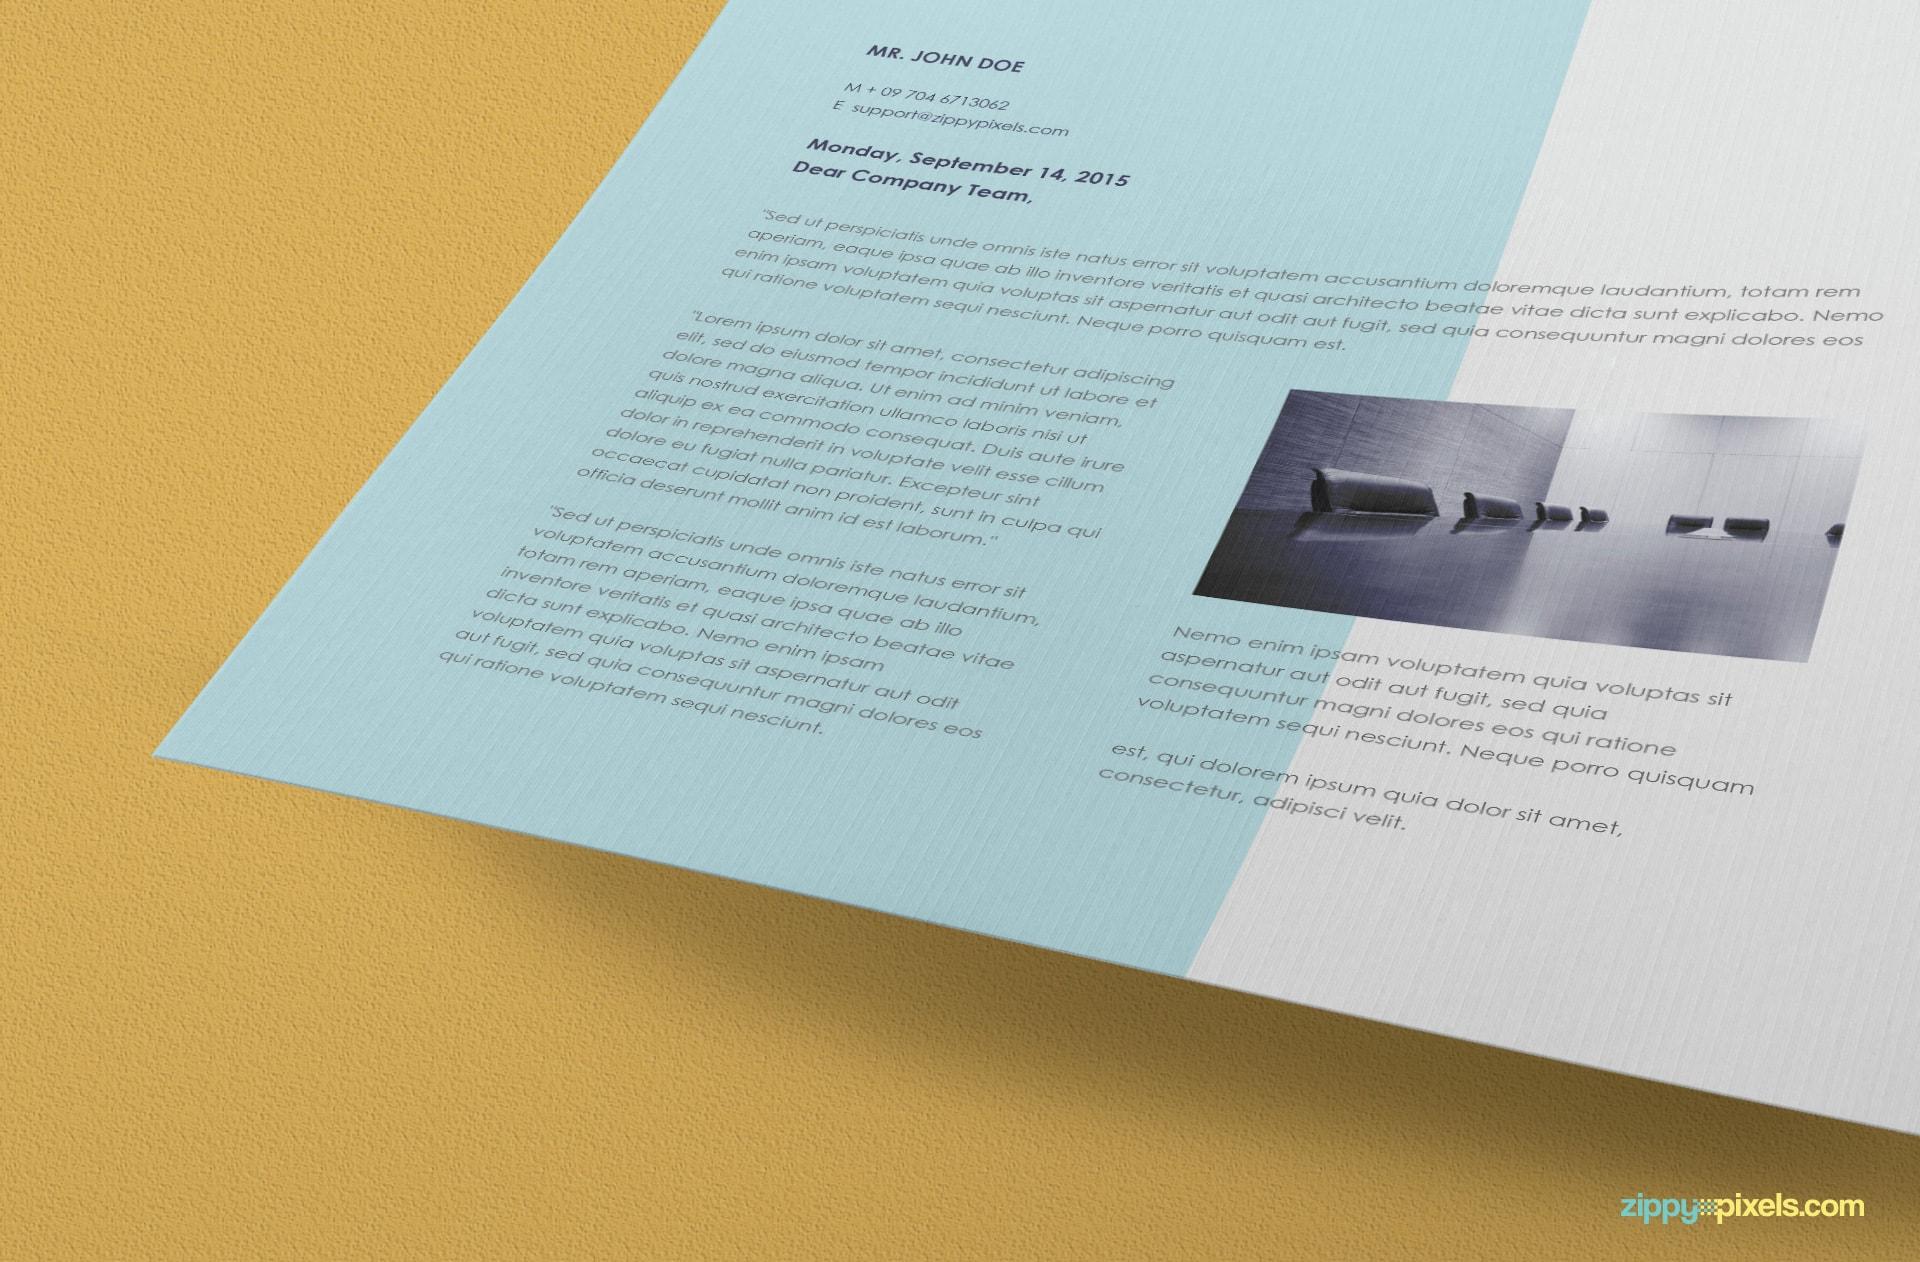 free a4 letterhead mockup in psd format